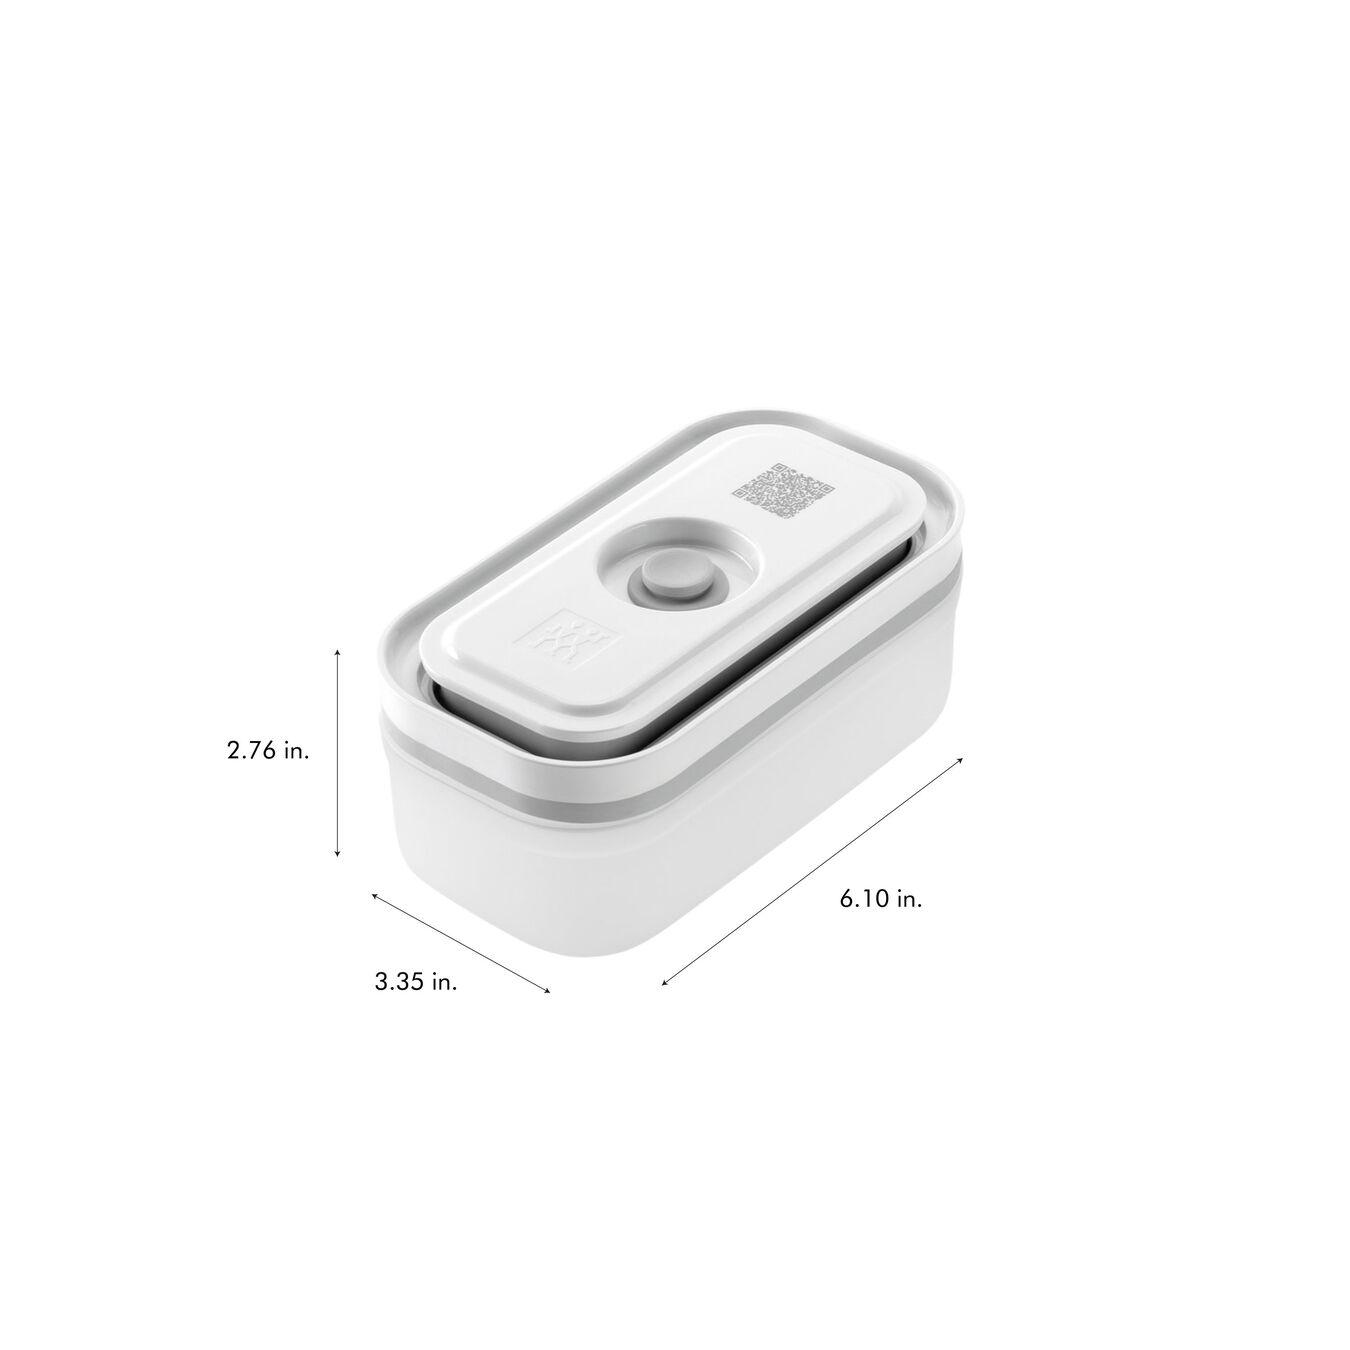 small Vacuum Container, Plastic, white,,large 10